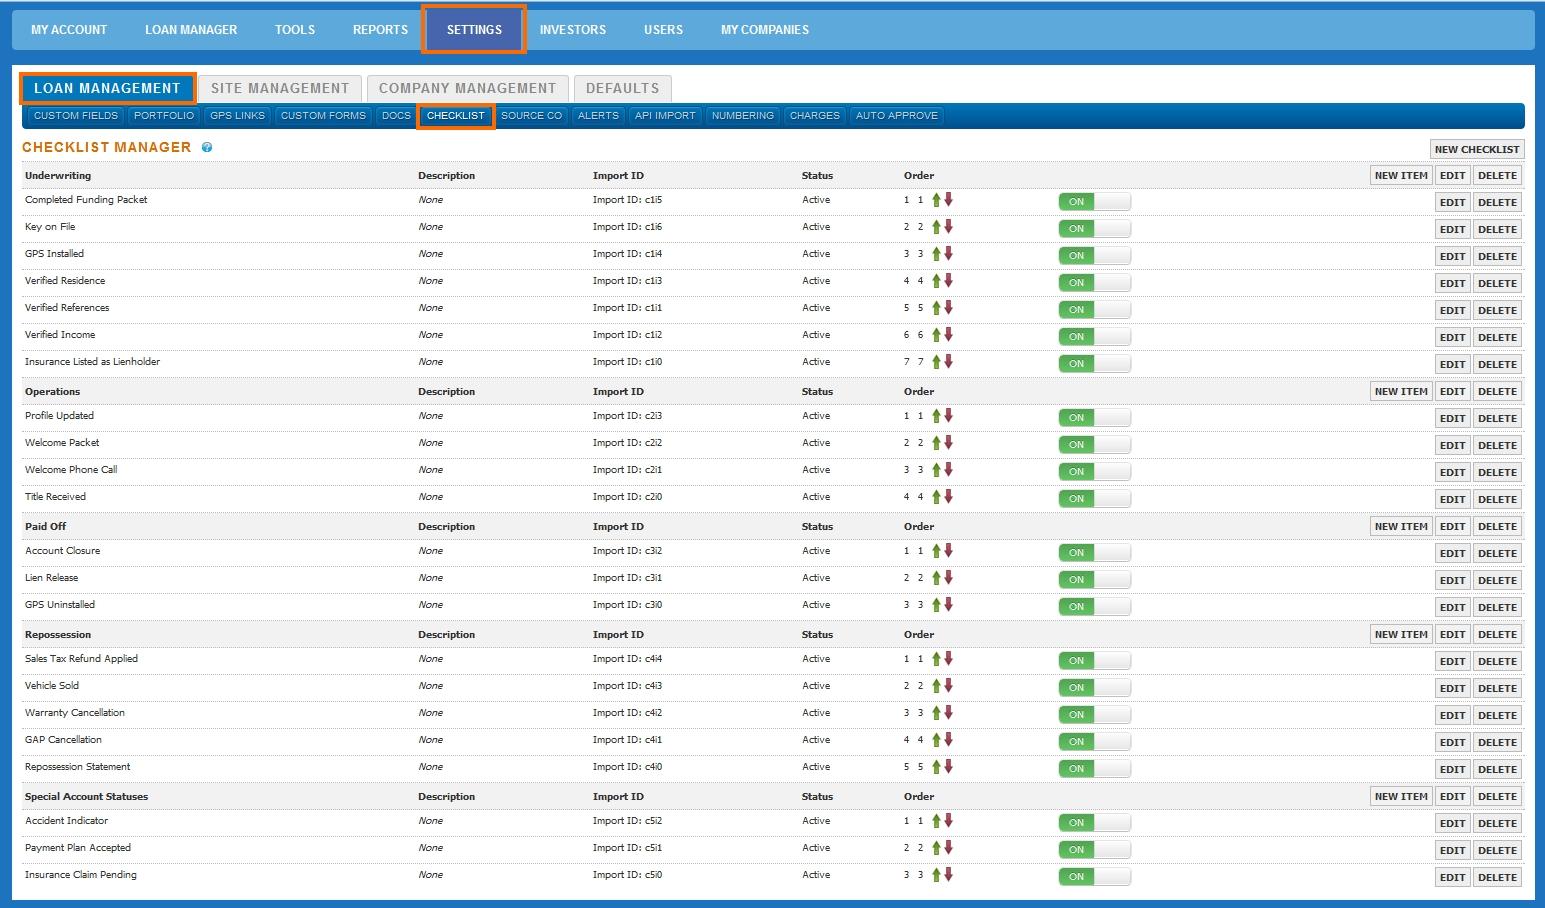 Configure Checklist